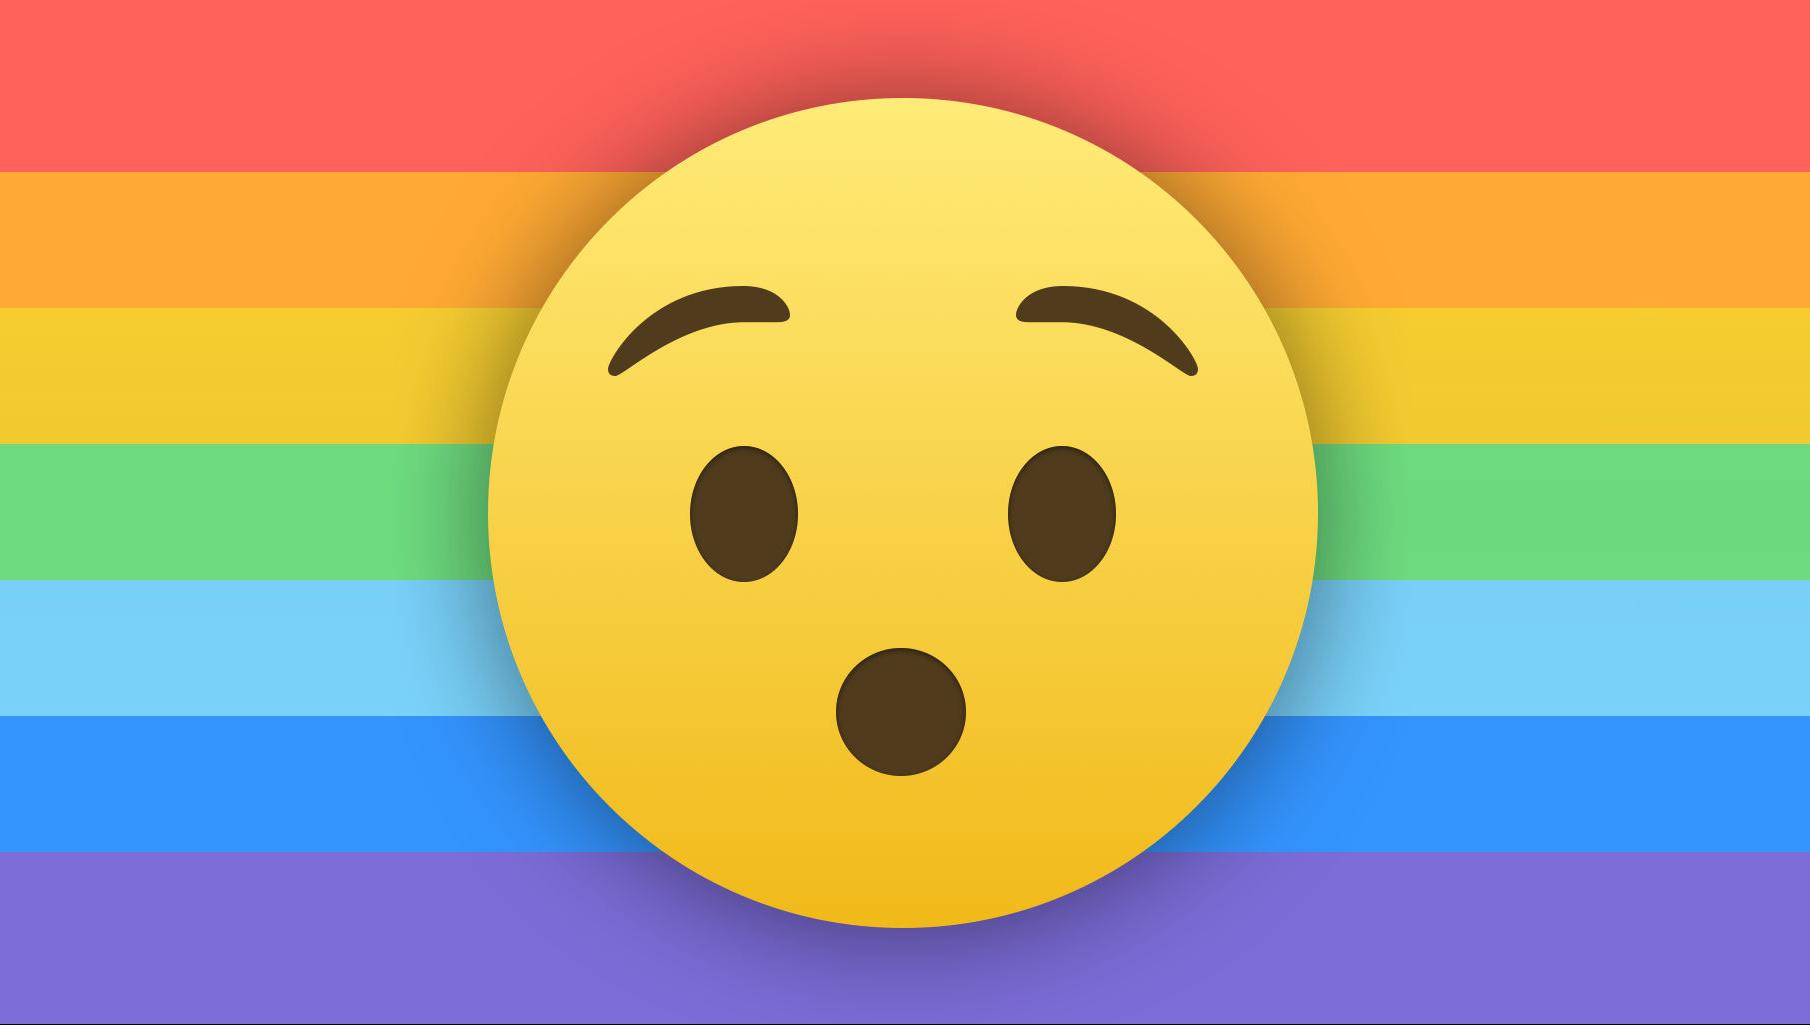 rainbow oh 16x9